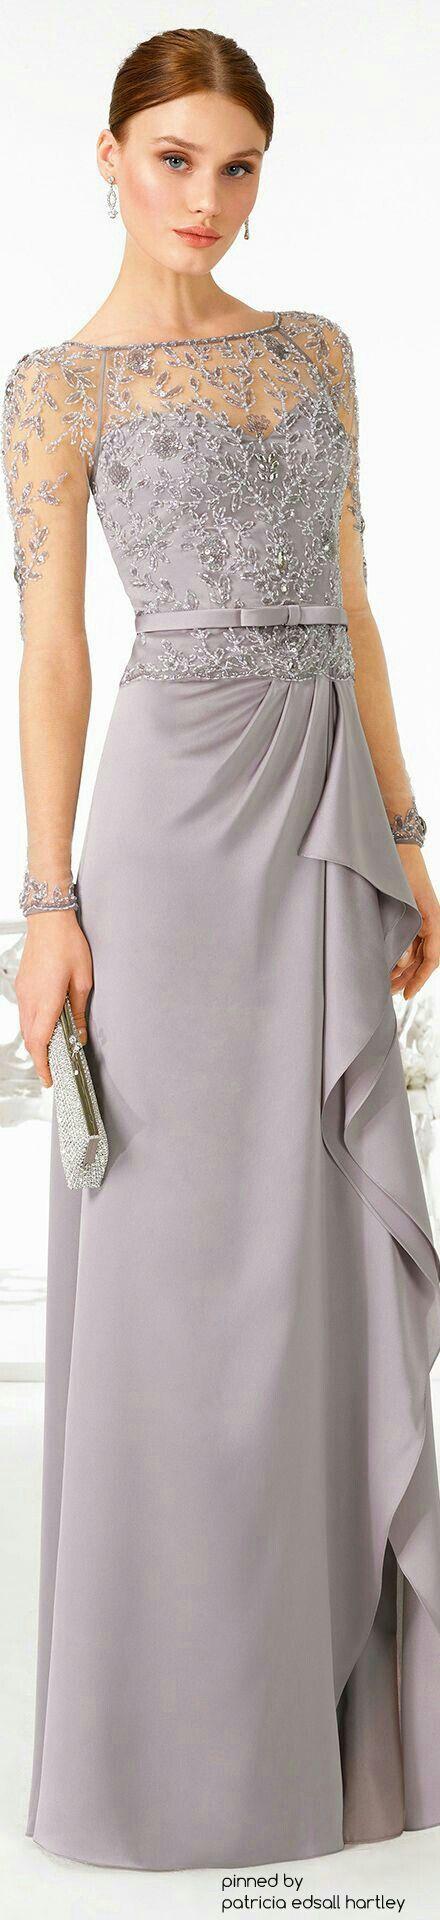 Madrinha casamento vestido brokat pinterest gowns kebaya